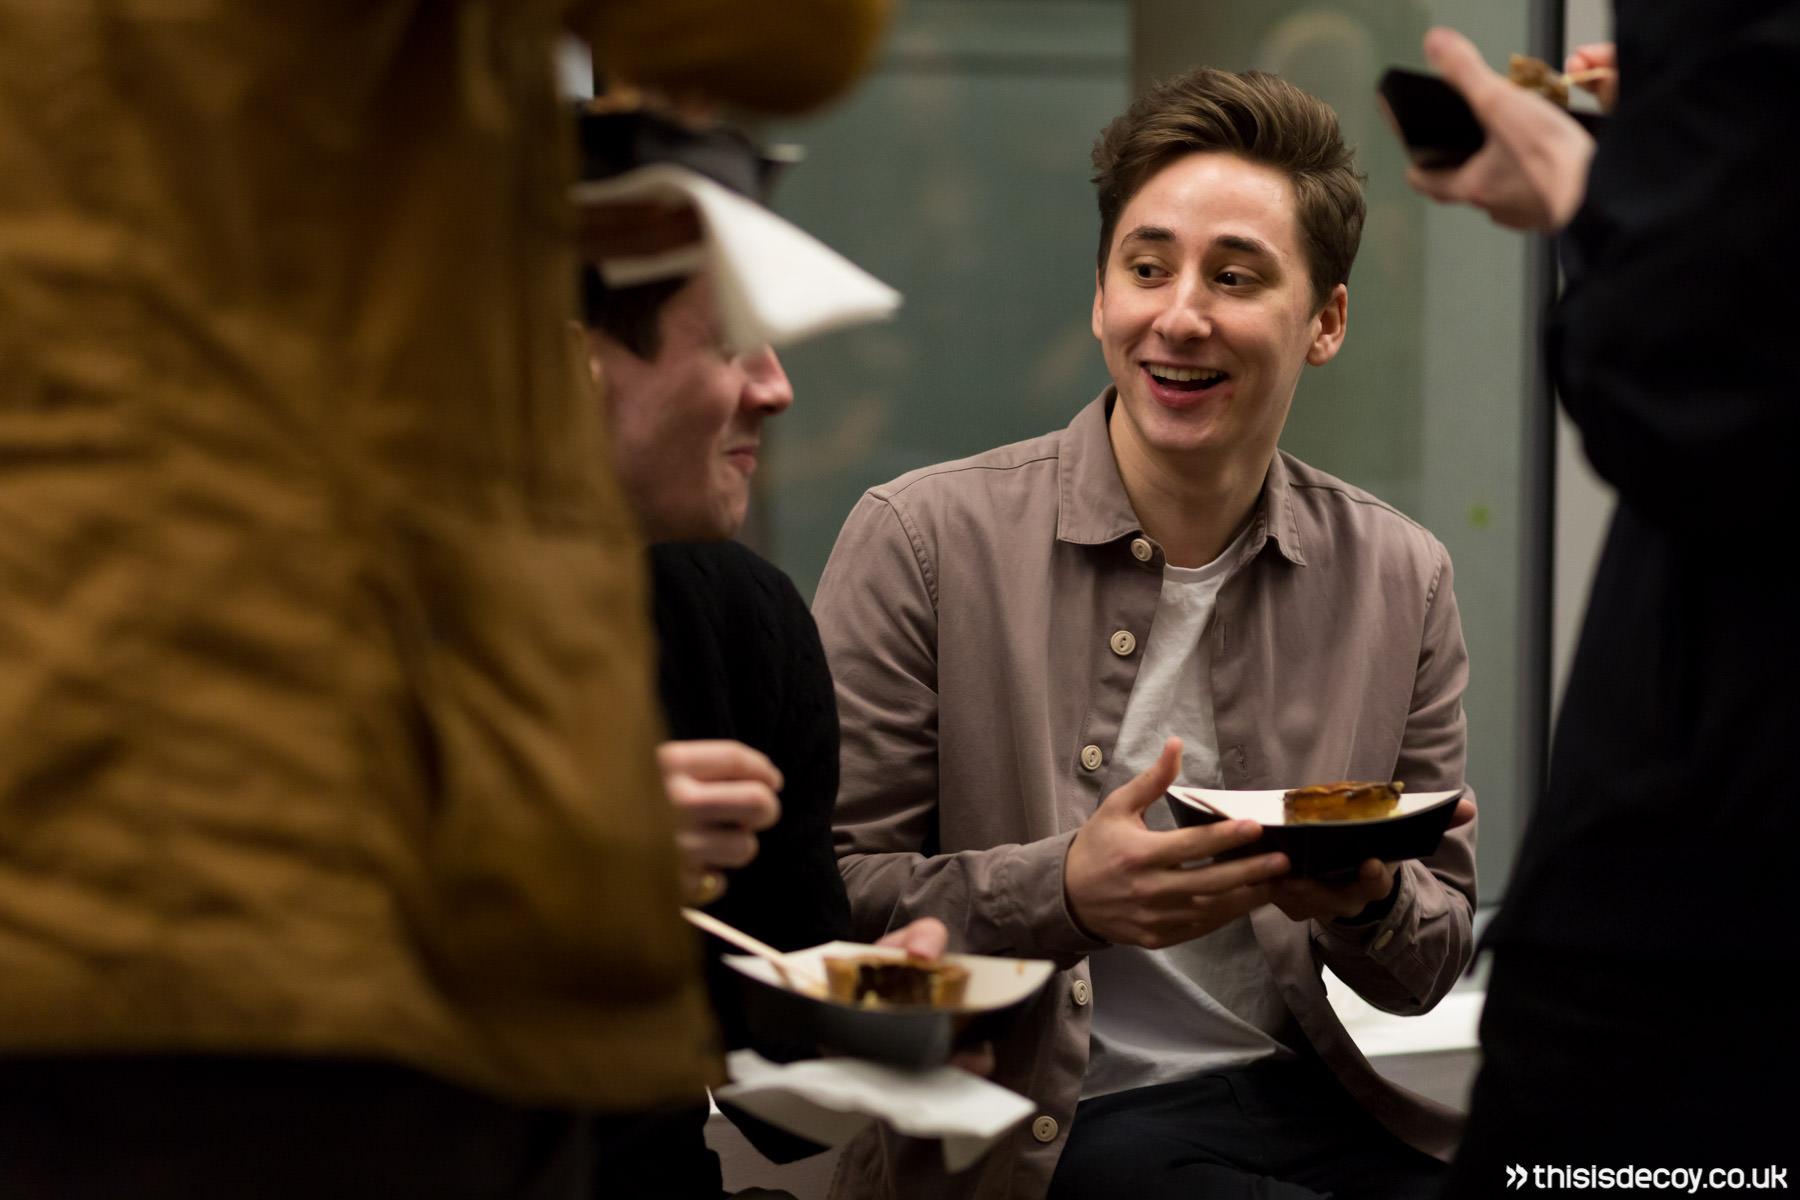 guys enjoying food with telephoto